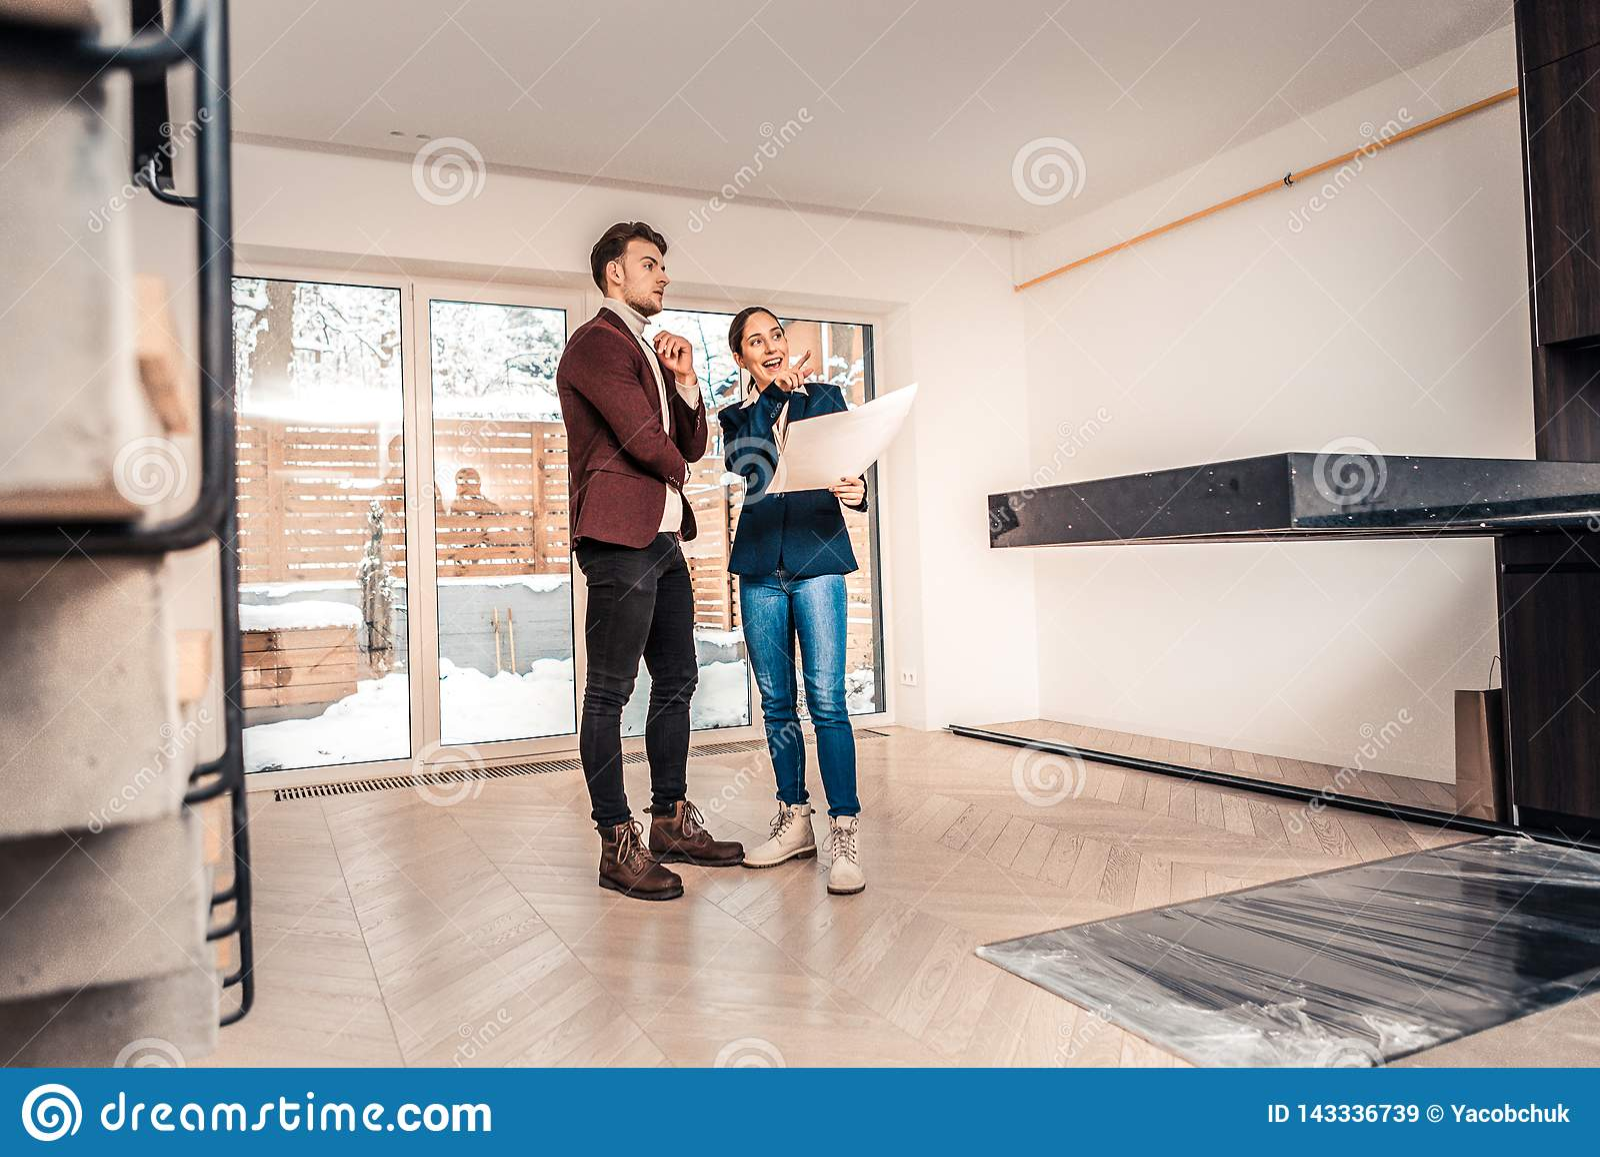 Berufsgrundstücksmakler, der über Eigenschaften des Hauses spricht